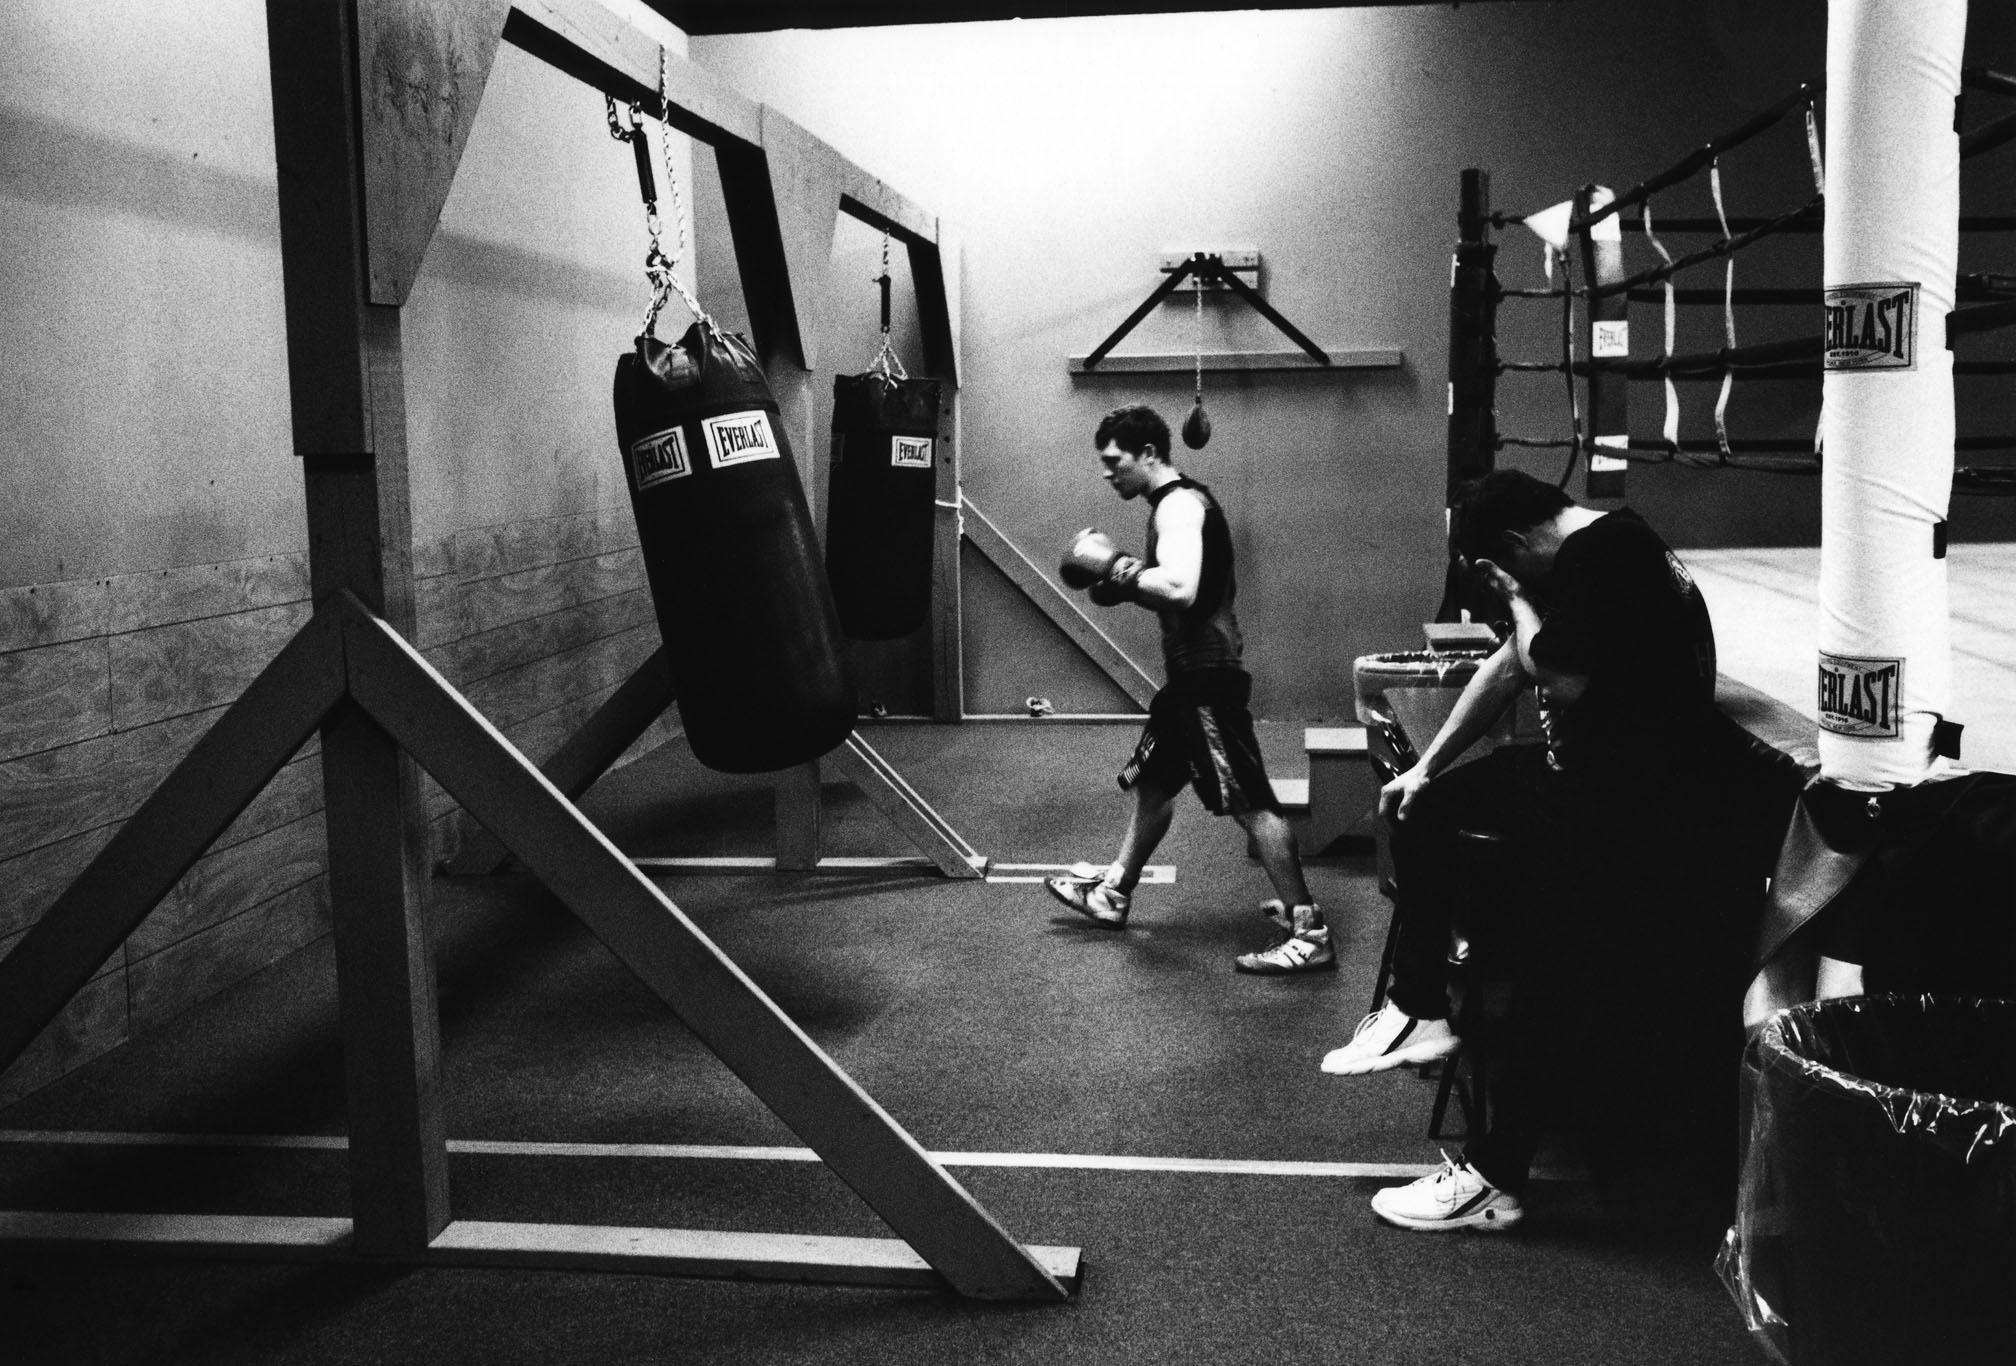 Beneficios De Golpear Un Saco De Boxeo Boxeo Saco De Boxeo Sacos